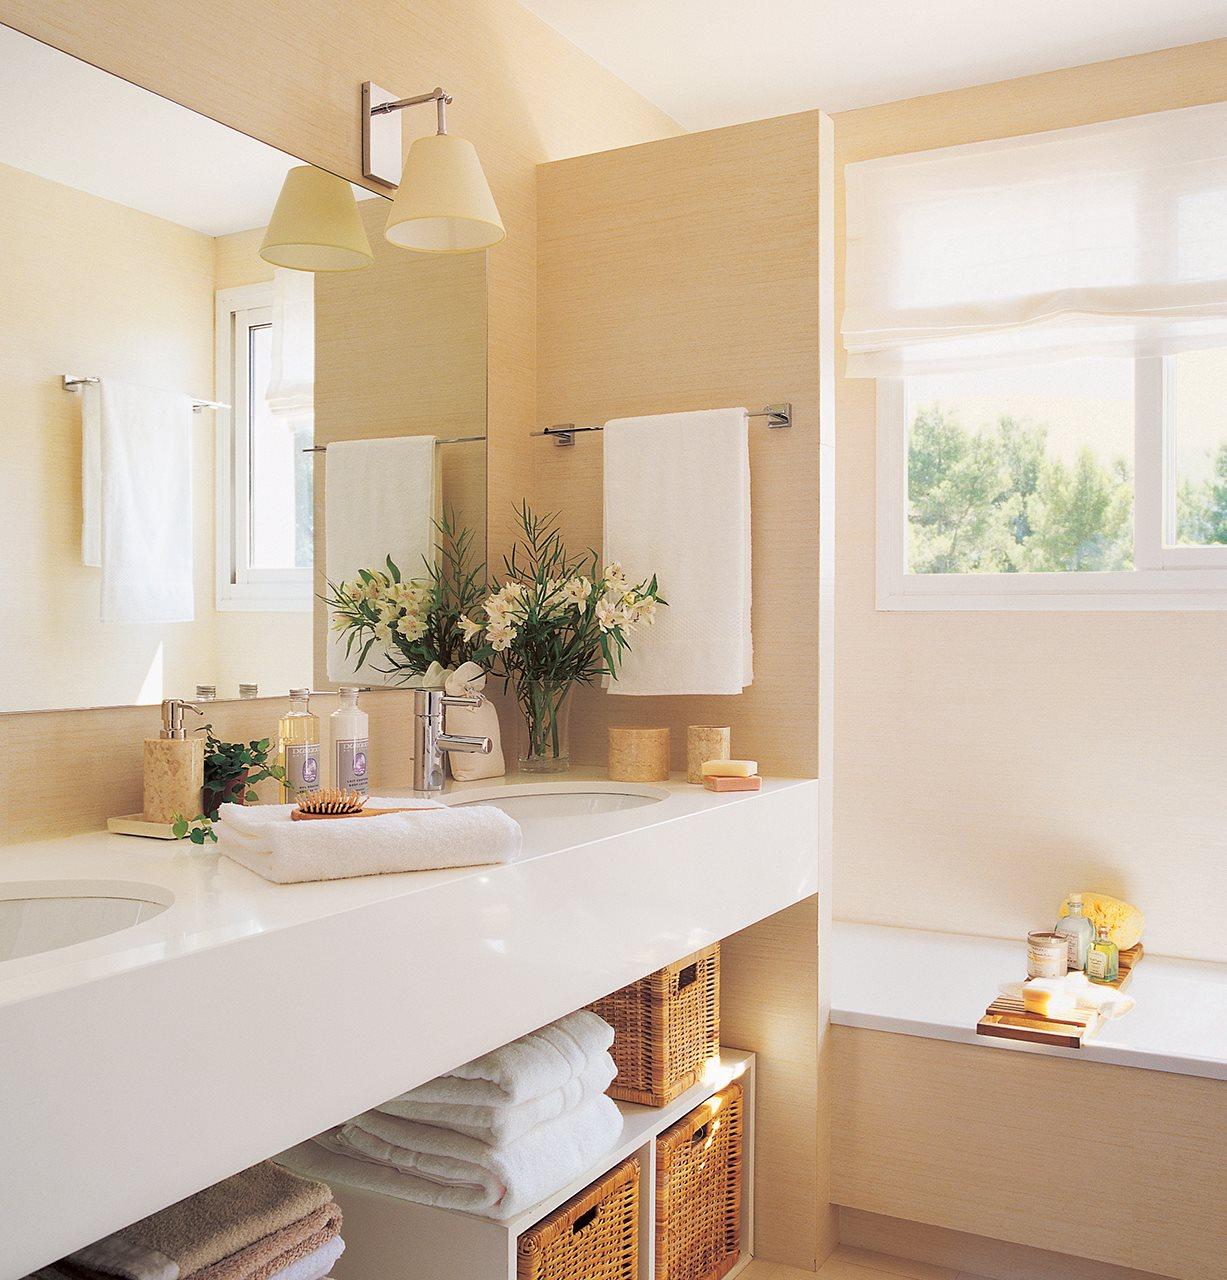 Ba os beige con blanco - Fotos decoracion banos ...